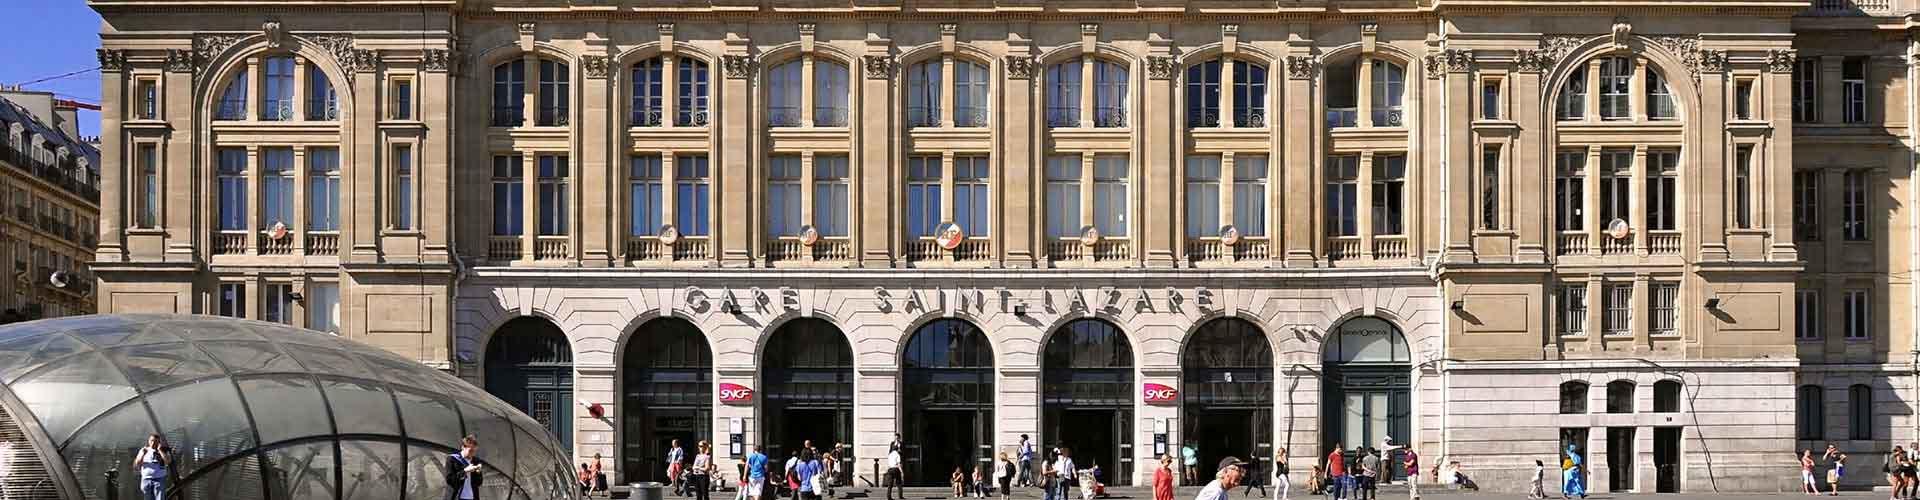 파리 - 생 라자르 역와 가까운 호스텔. 파리의 지도, 파리에 위치한 호스텔 사진 및 후기 정보.